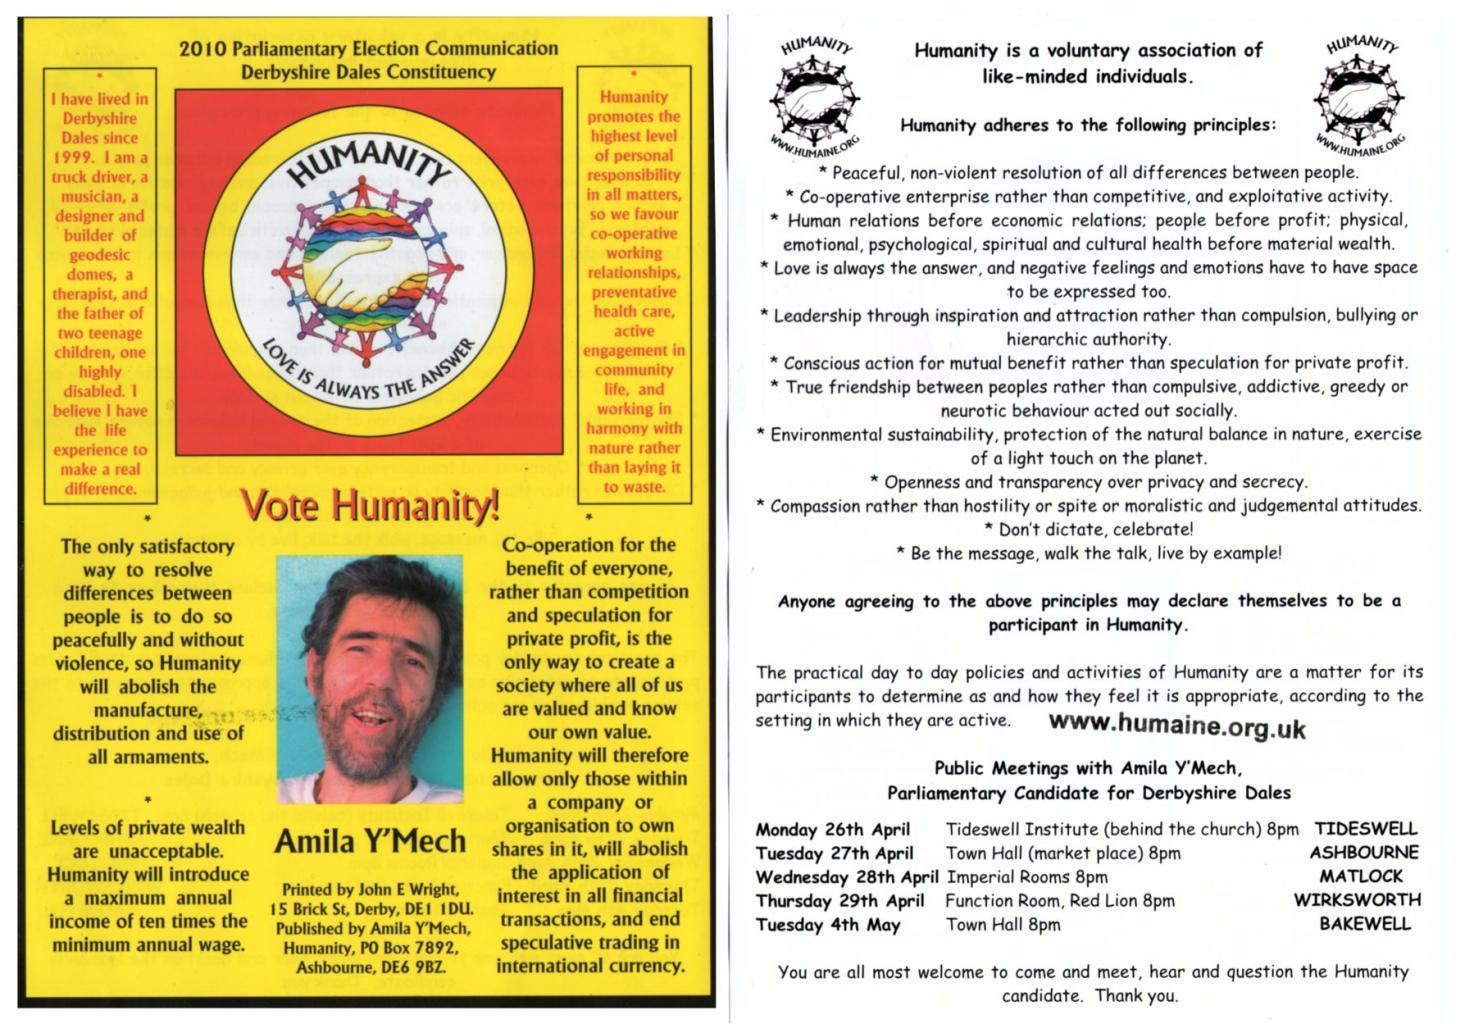 leaflet image